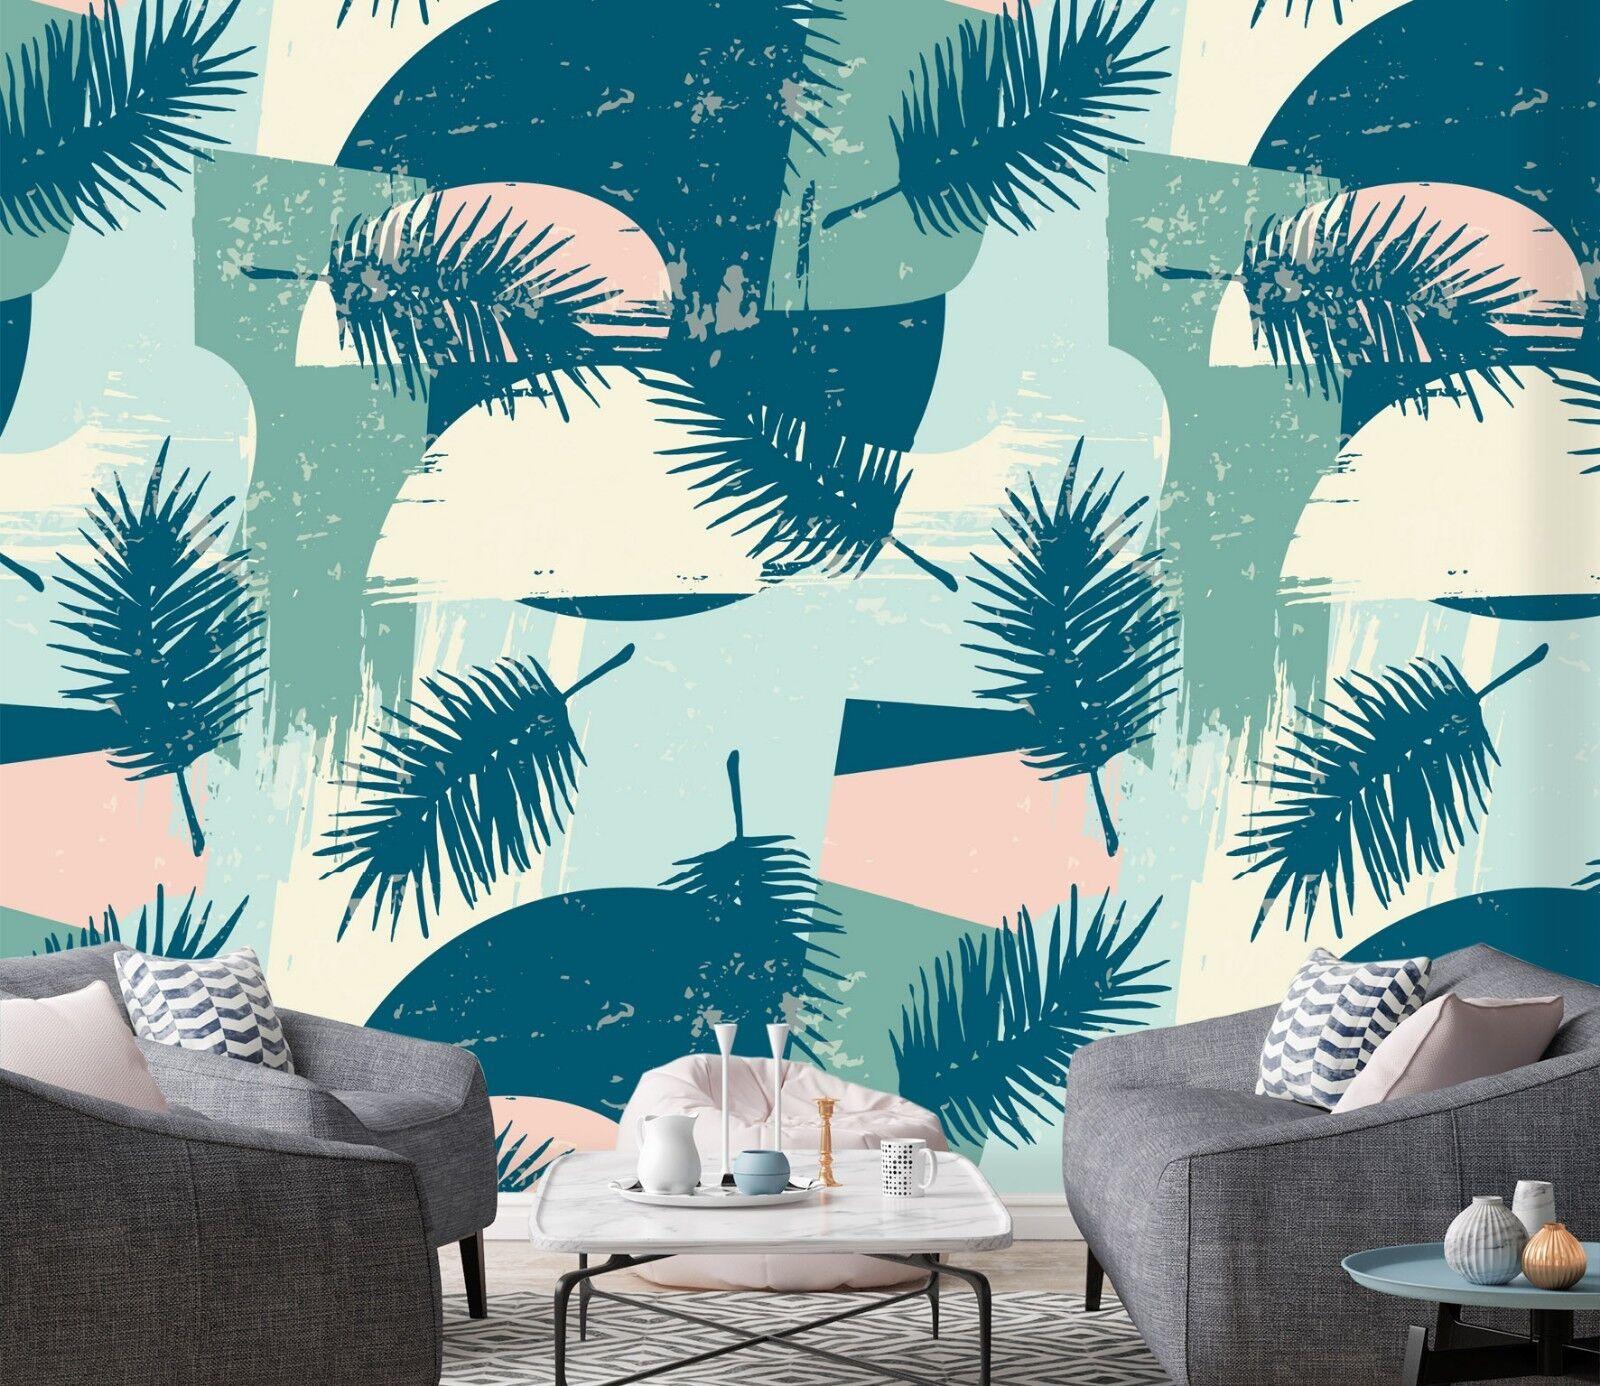 3D Geometric Leaves 533 Wallpaper Murals Wall Print Wallpaper Mural AJ WALL UK